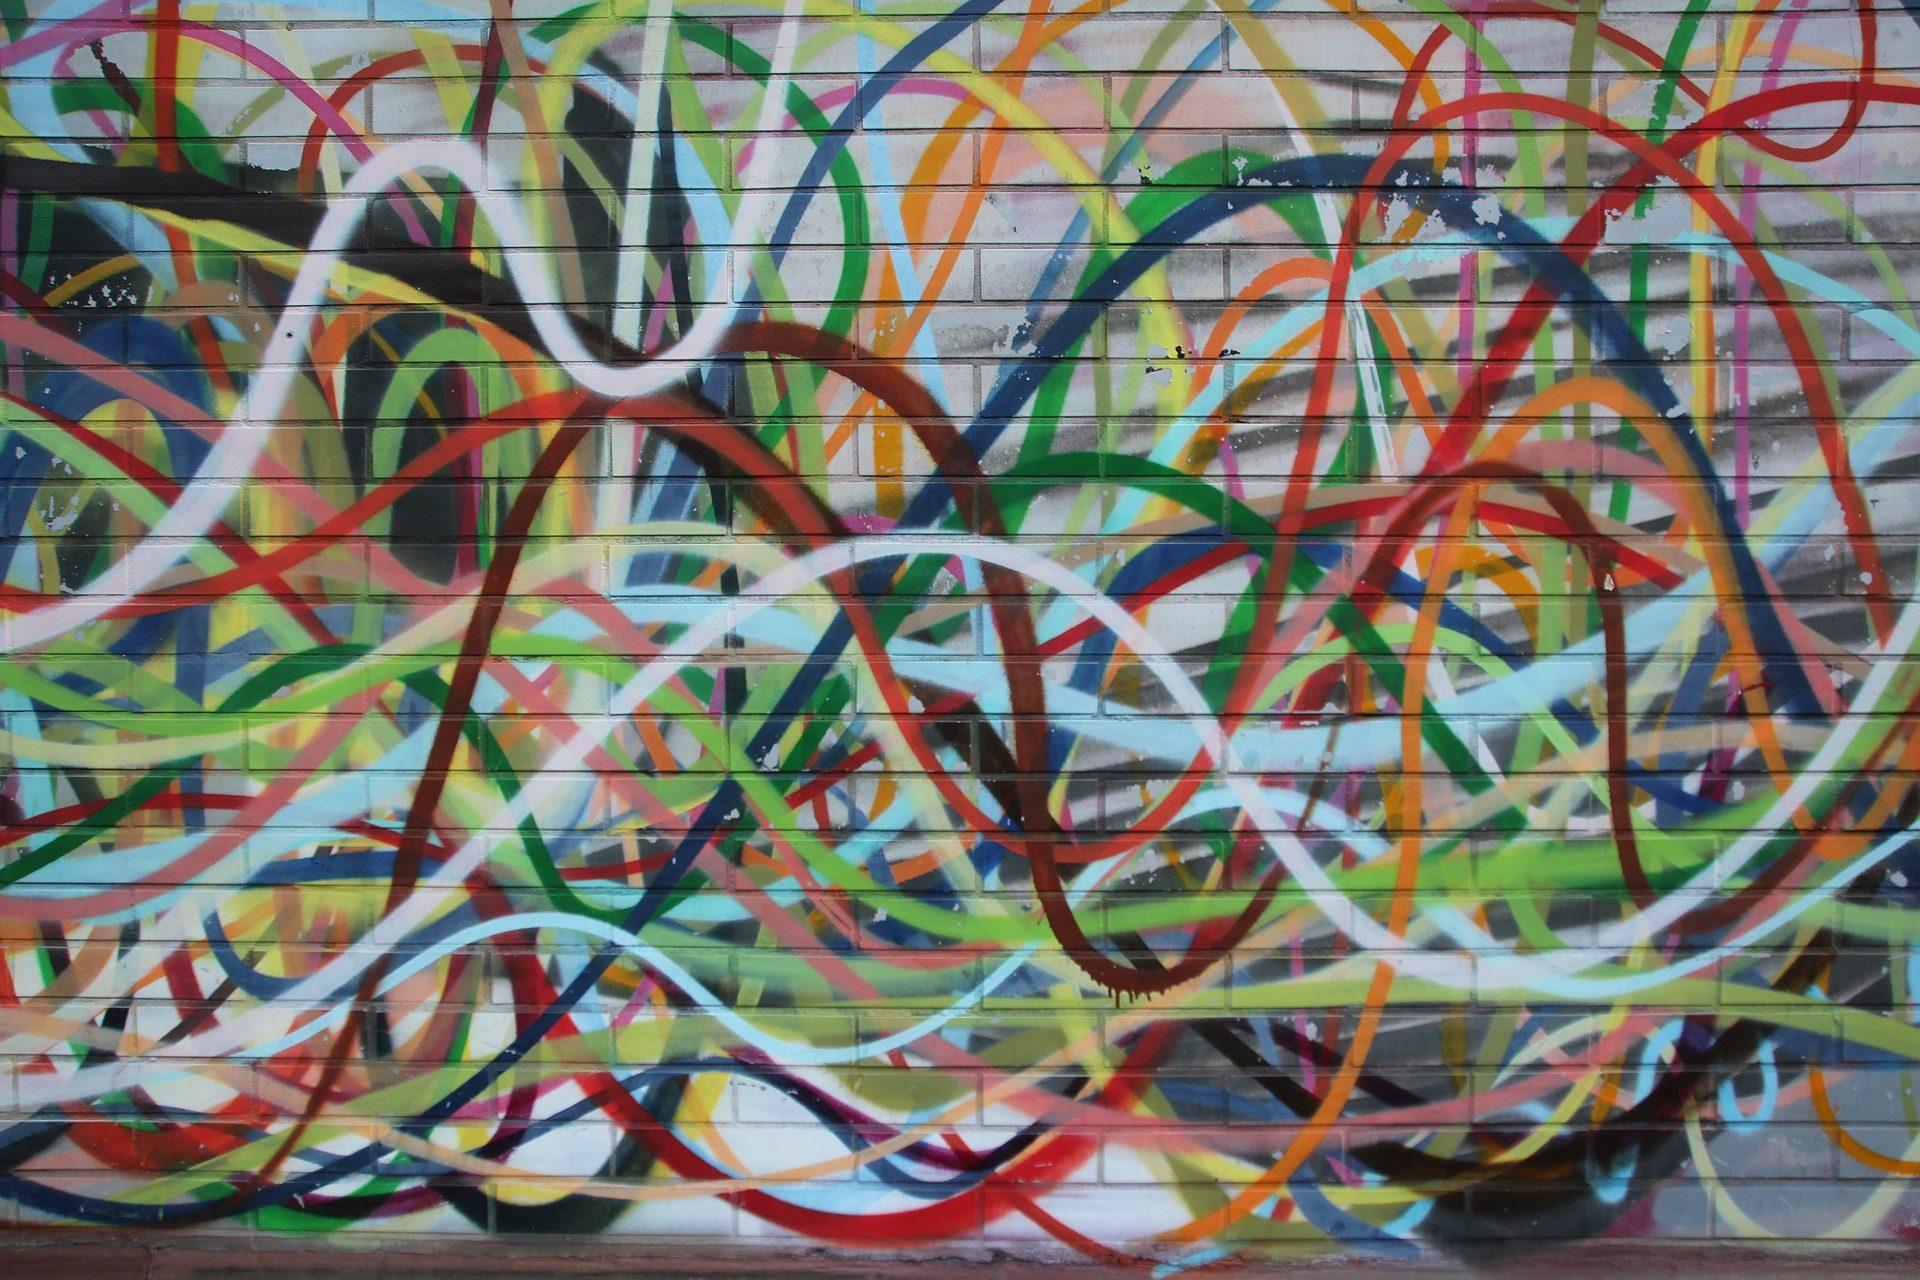 Γκράφιτι, γραμμές, ρίγες, Χειροποίητη, τοιχογραφία, Τοίχου - Wallpapers HD - Professor-falken.com